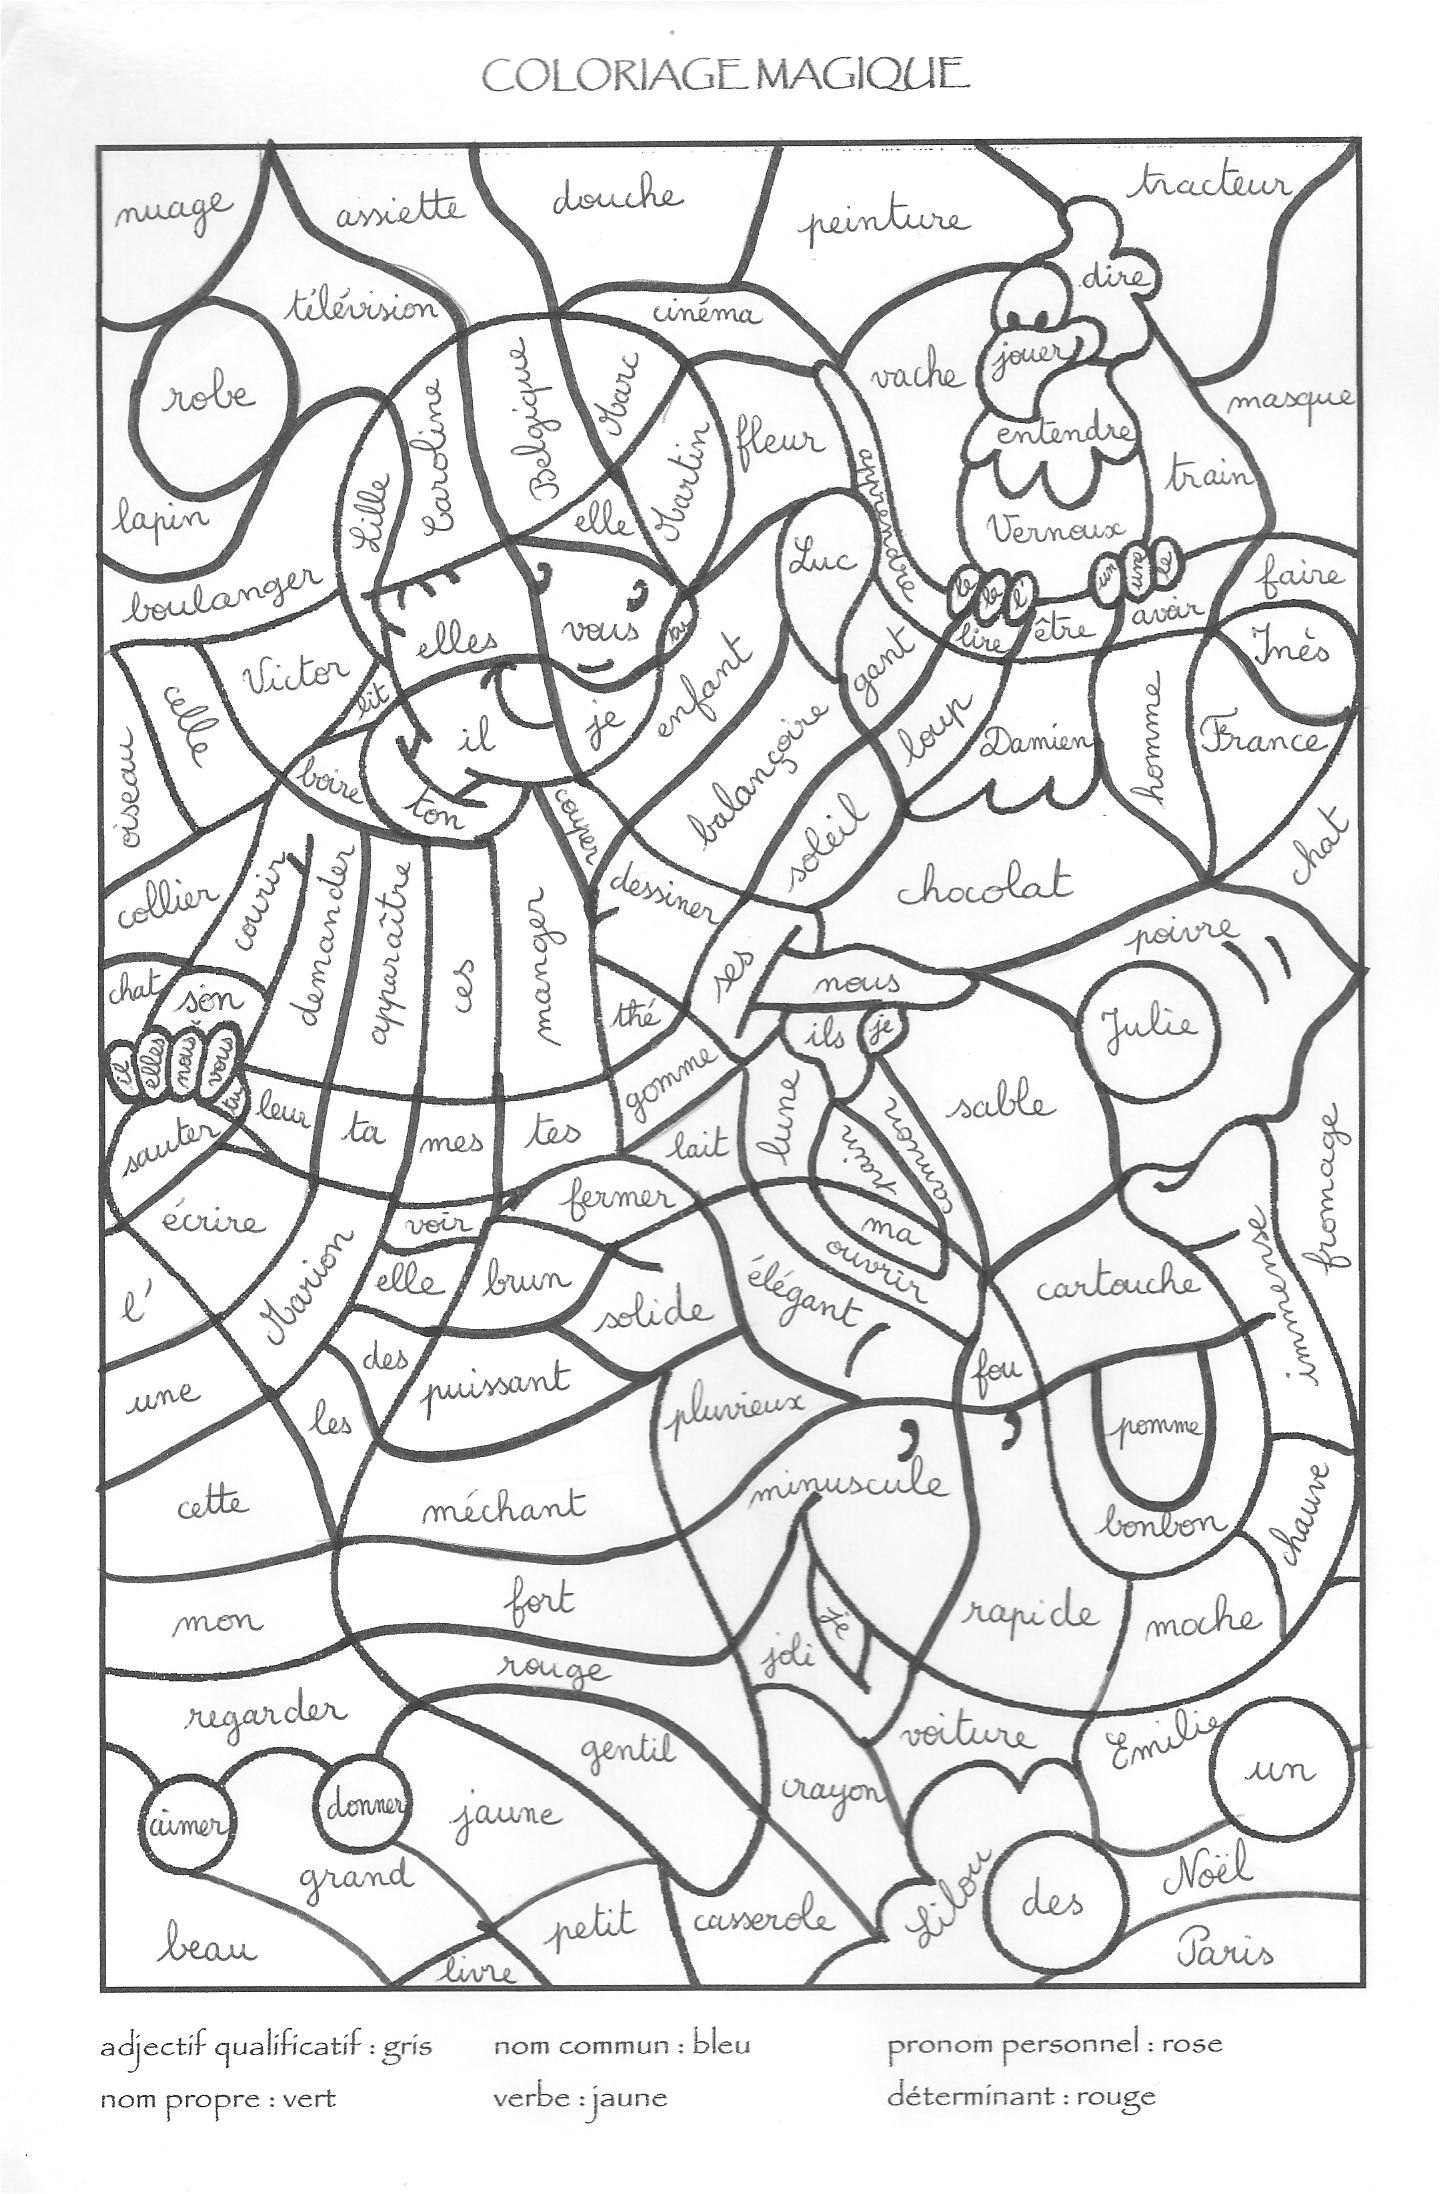 Coloriage Magique Anglais Cycle 3 | French Worksheets pour Coloriage Magique A Imprimer